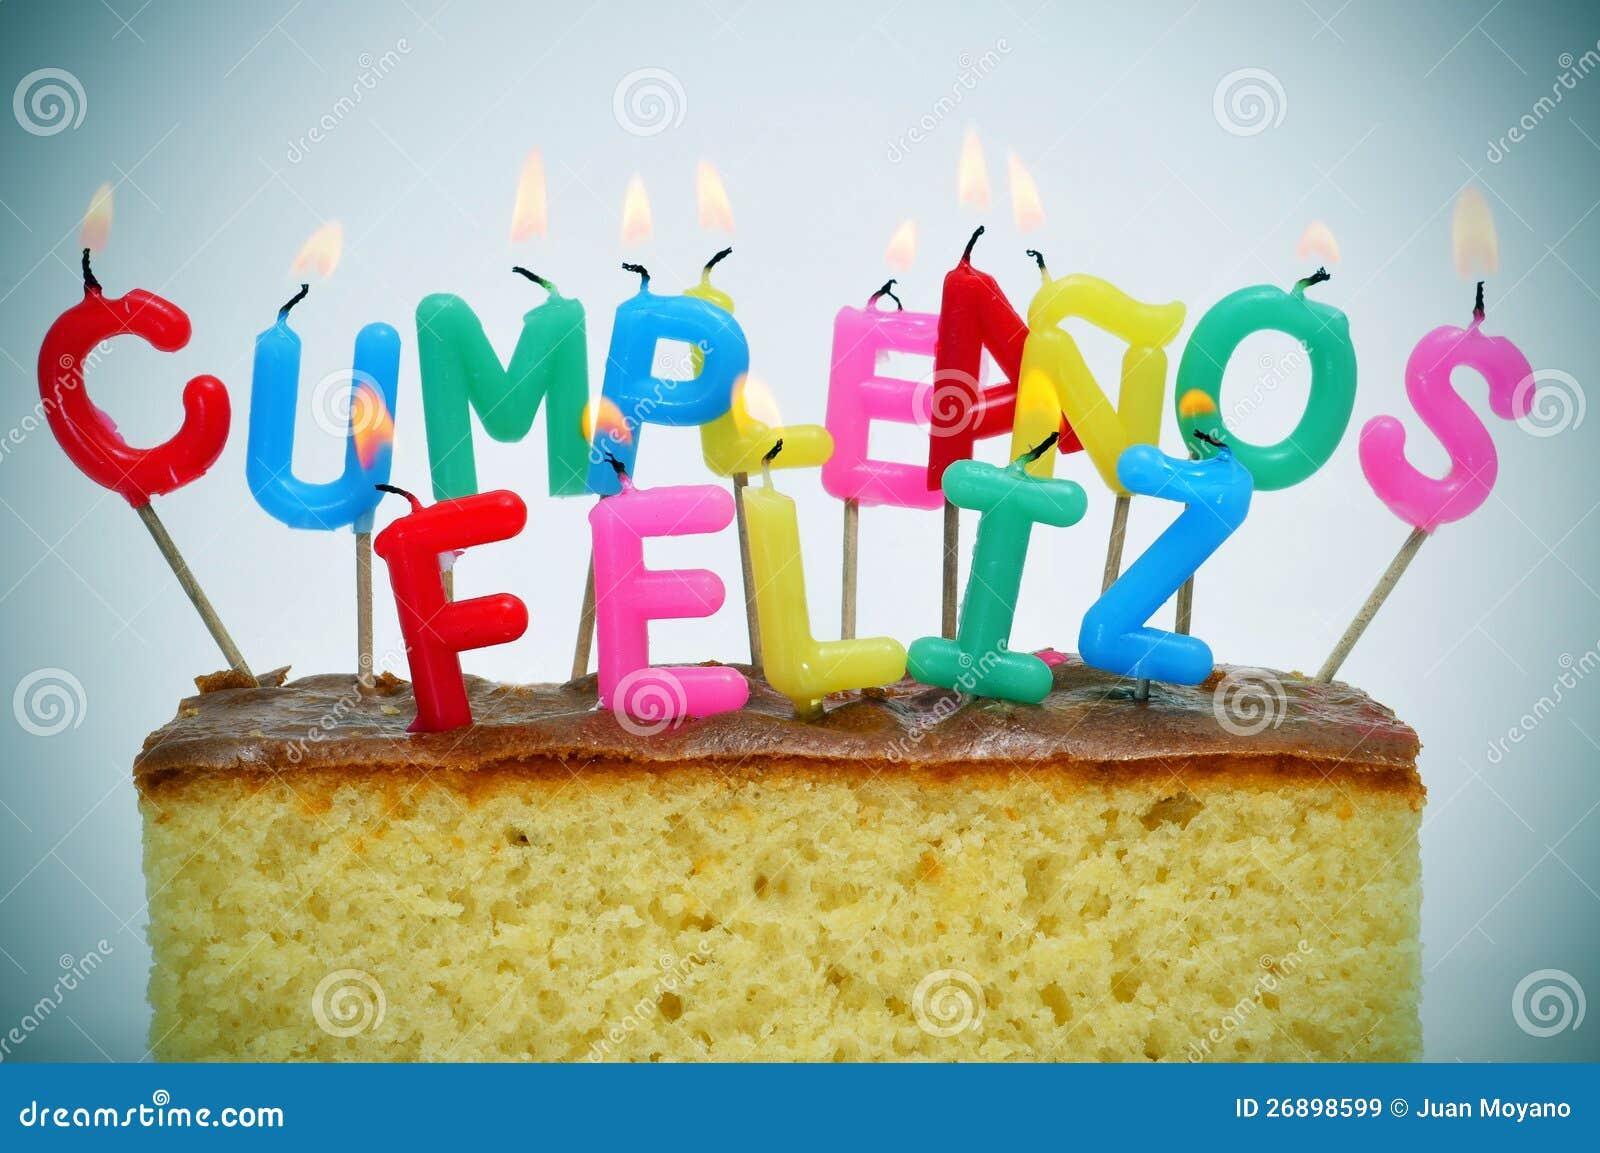 Предложение с поздравлением дня рождения